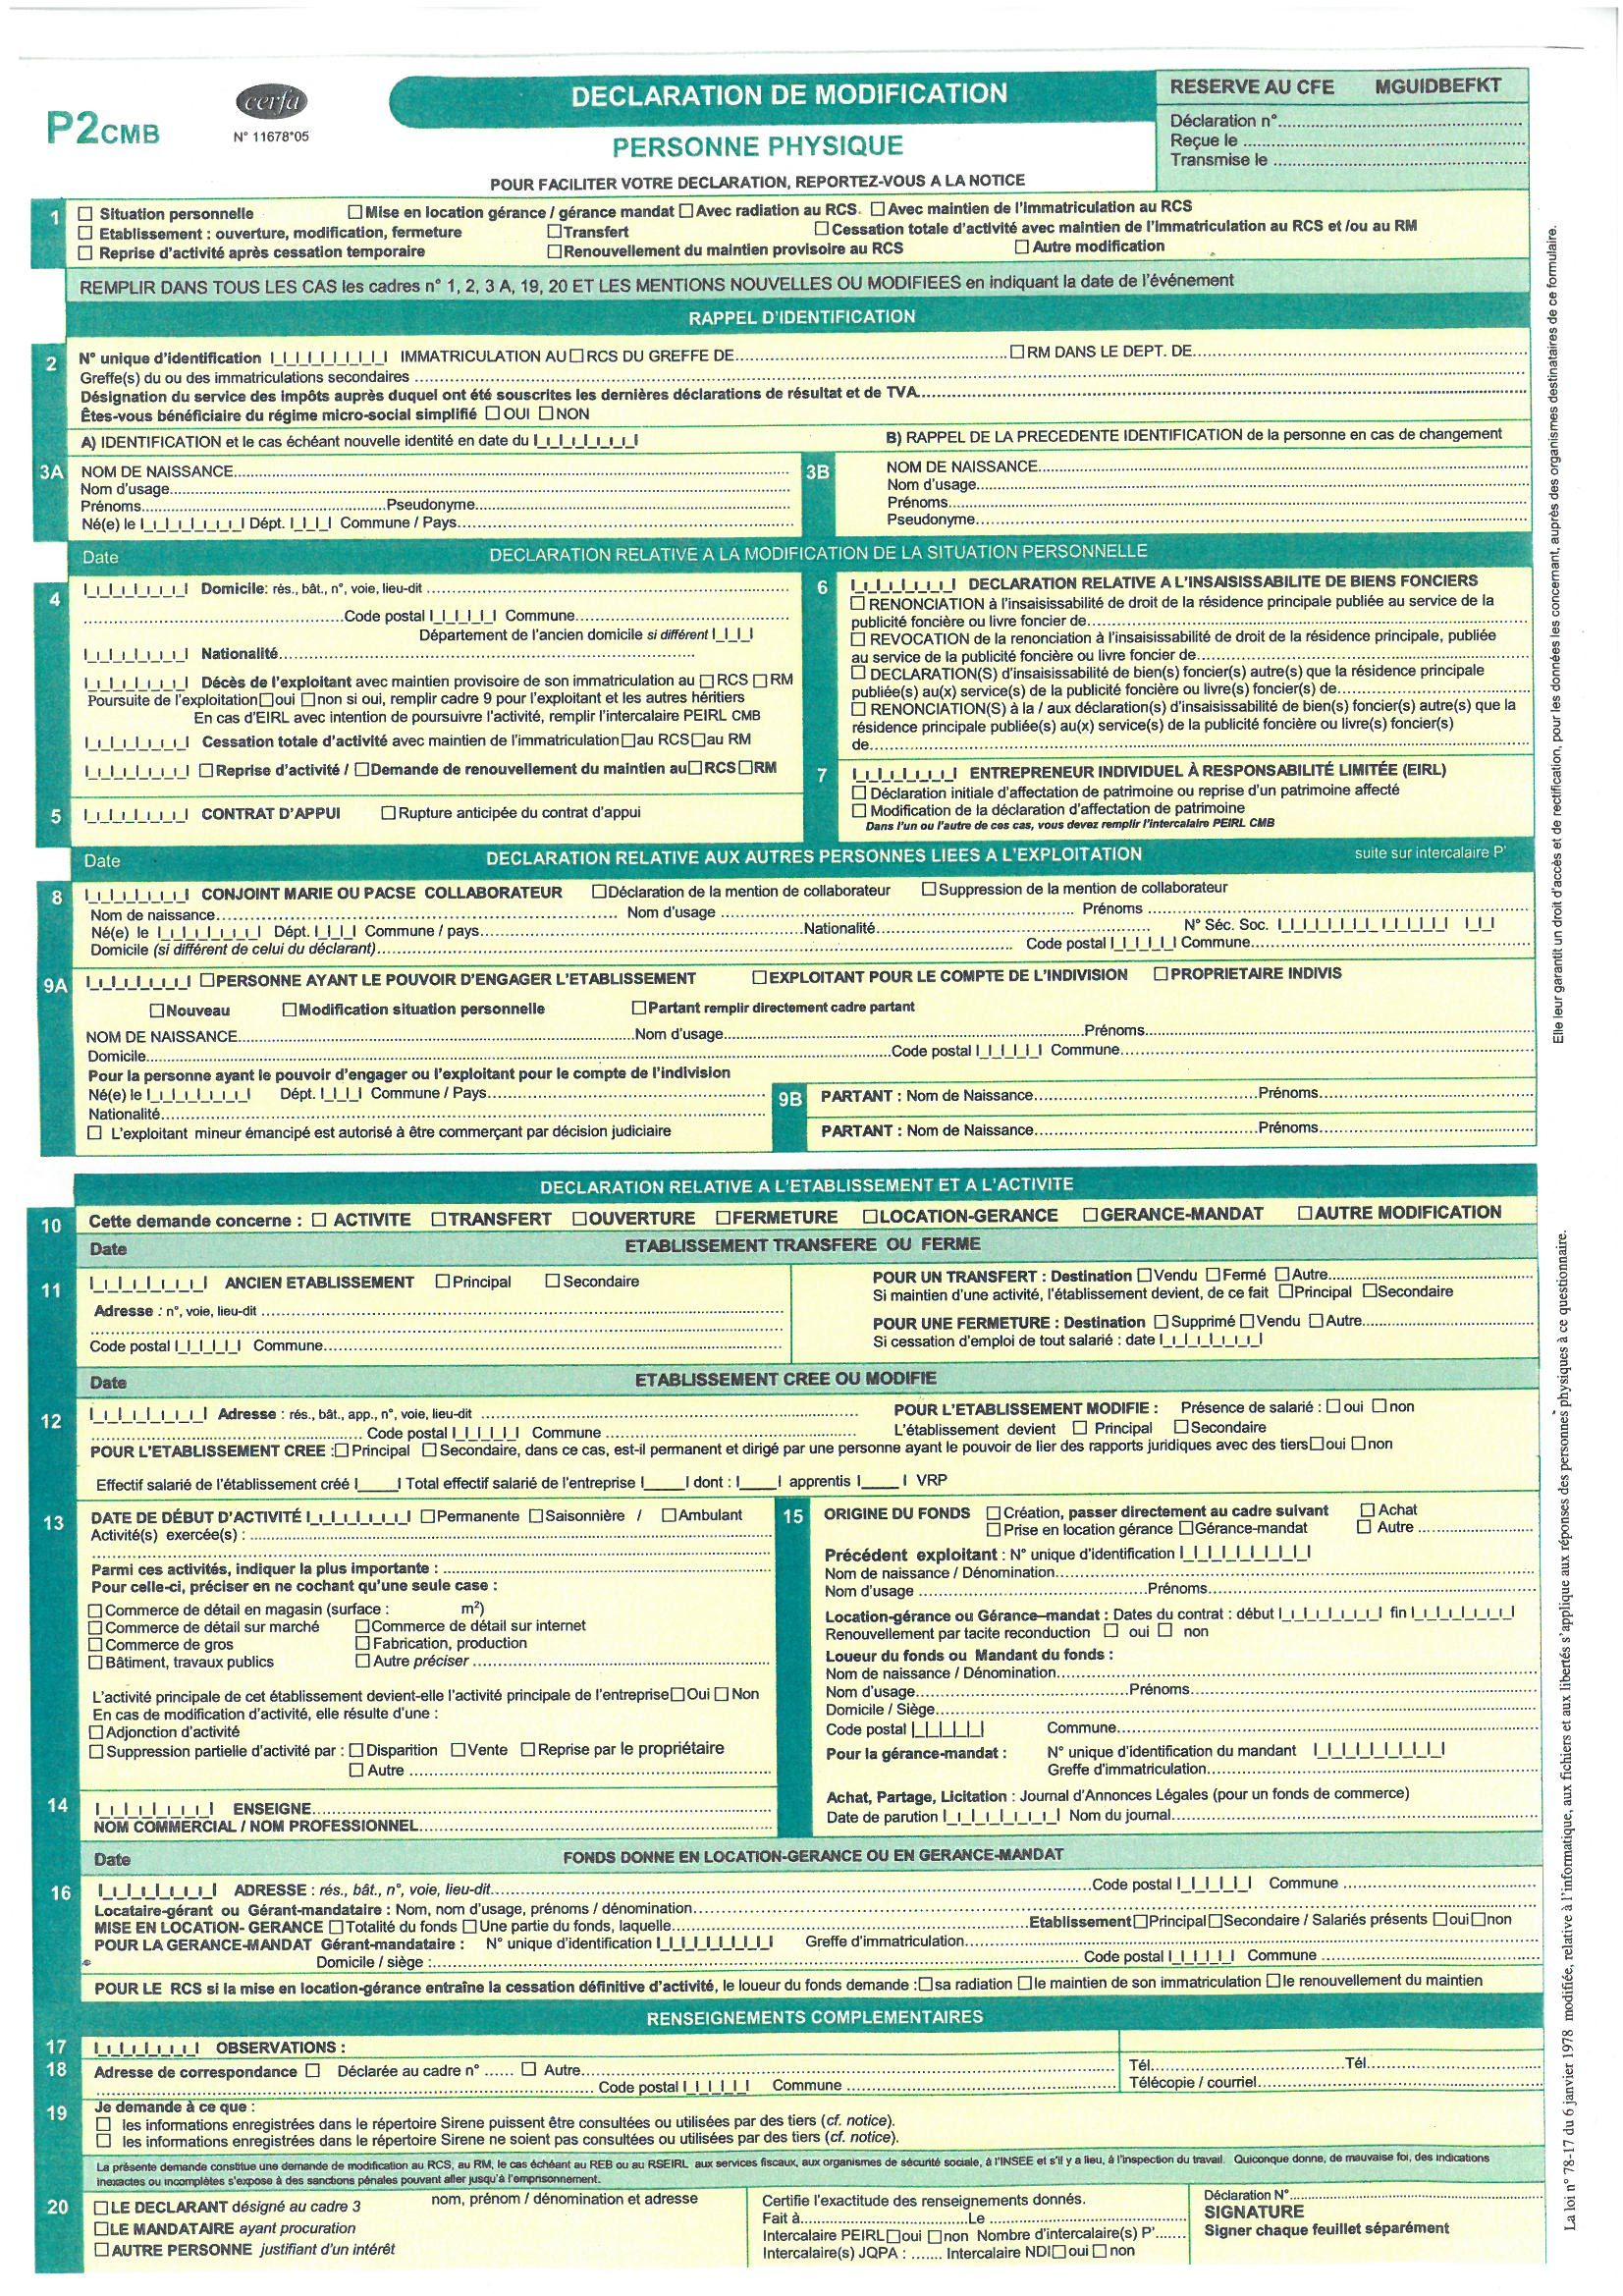 formulaire p4 cmb